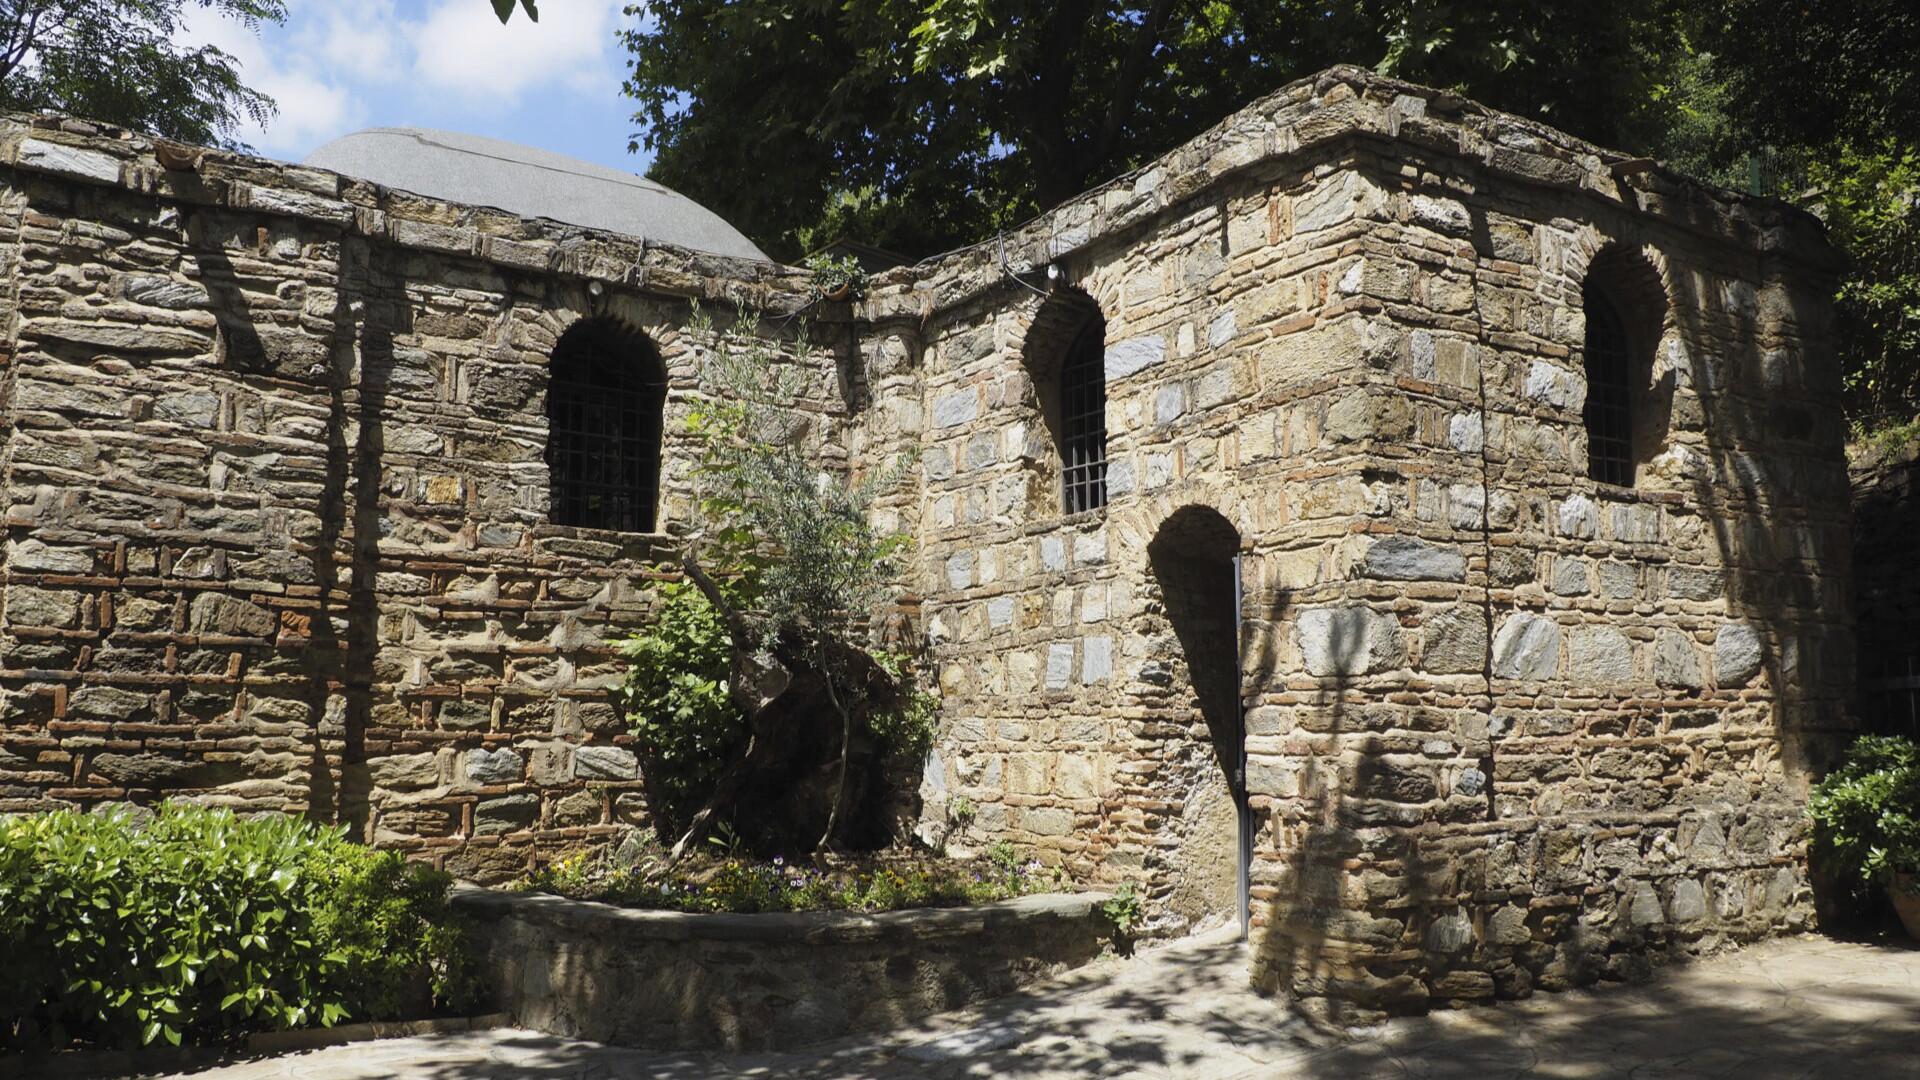 El descubrimiento de la casa de la Virgen en Éfeso